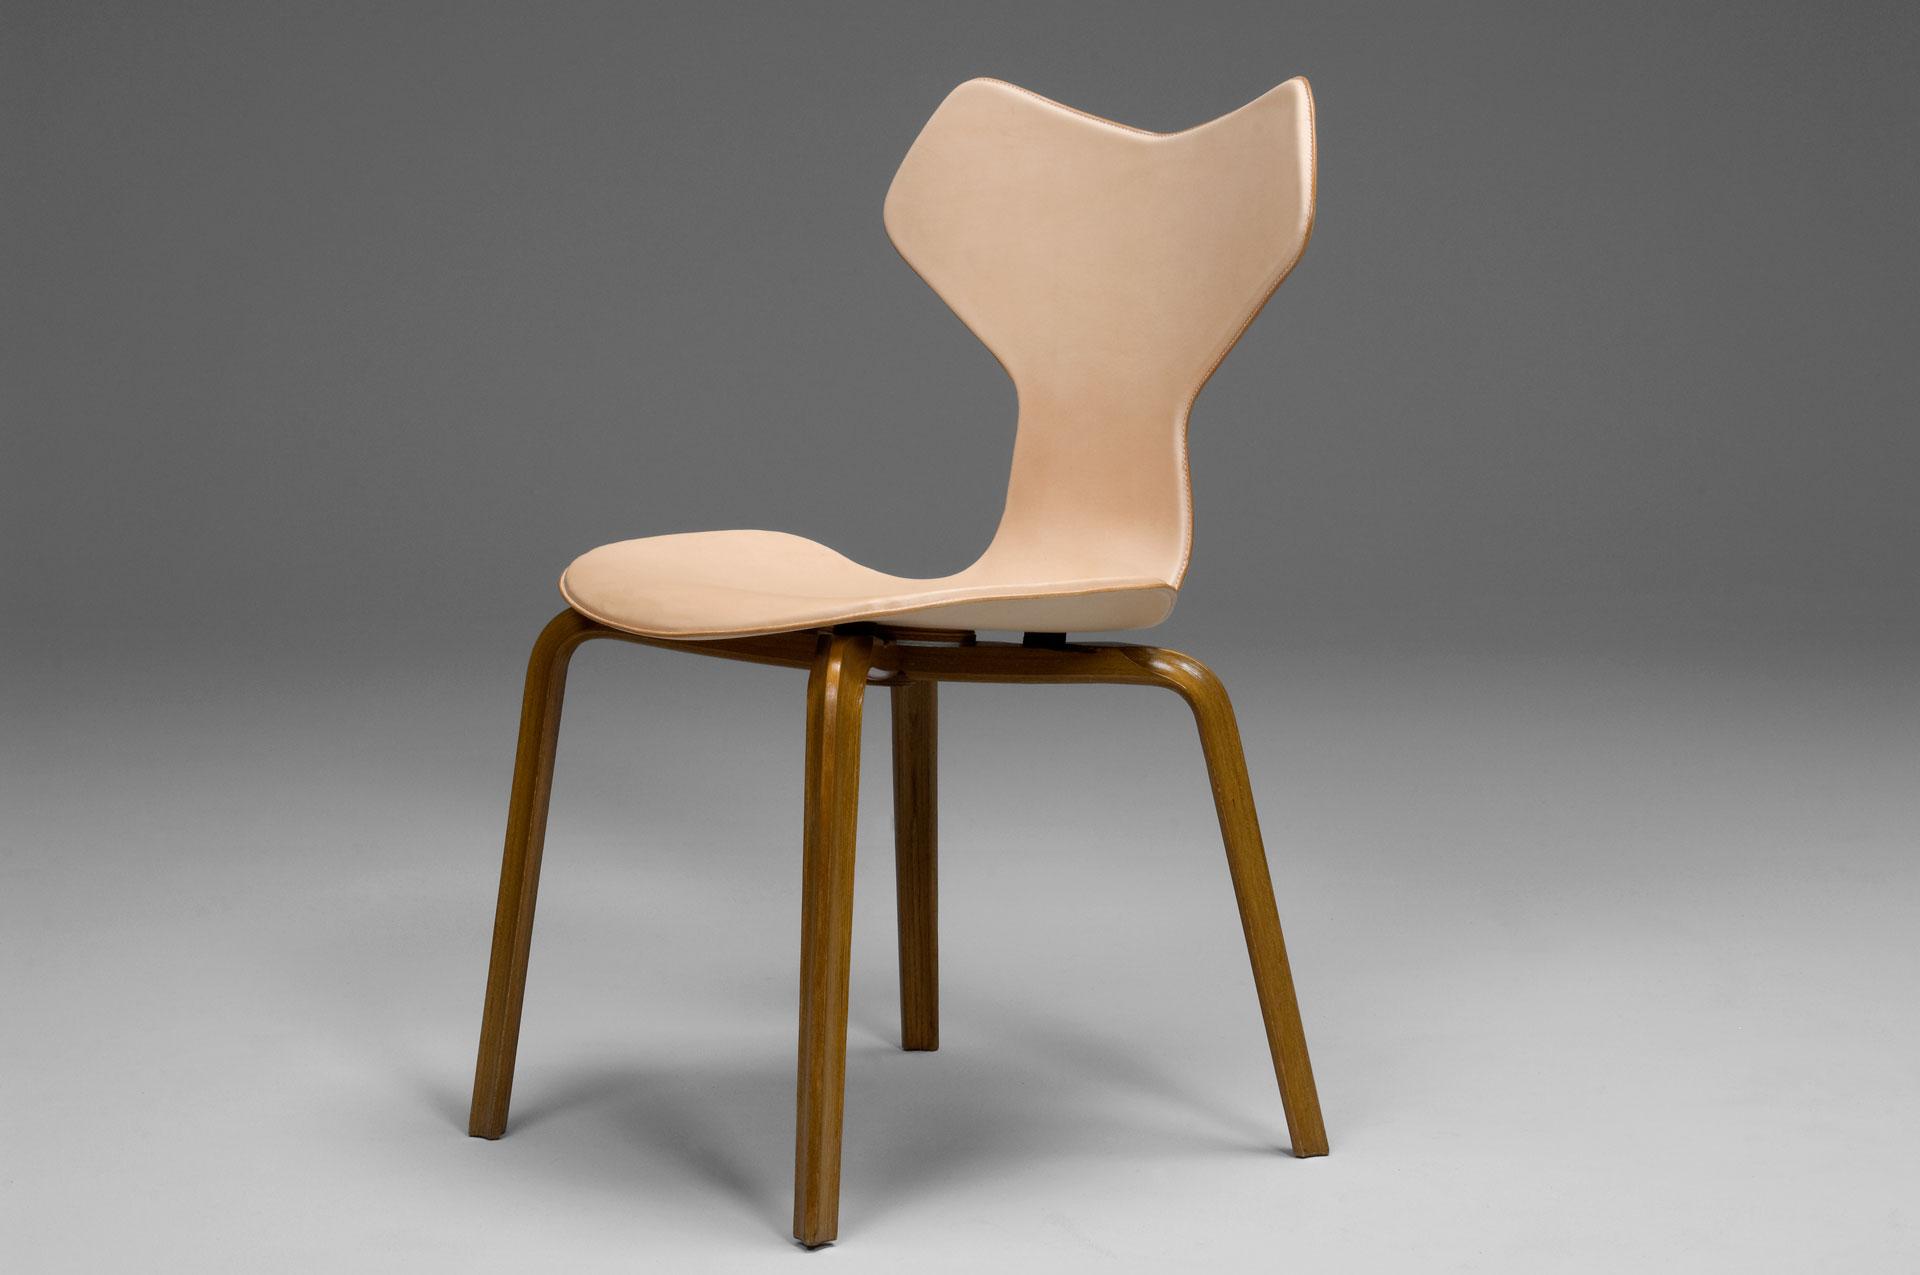 jacksons grand prix chair arne jacobsen. Black Bedroom Furniture Sets. Home Design Ideas